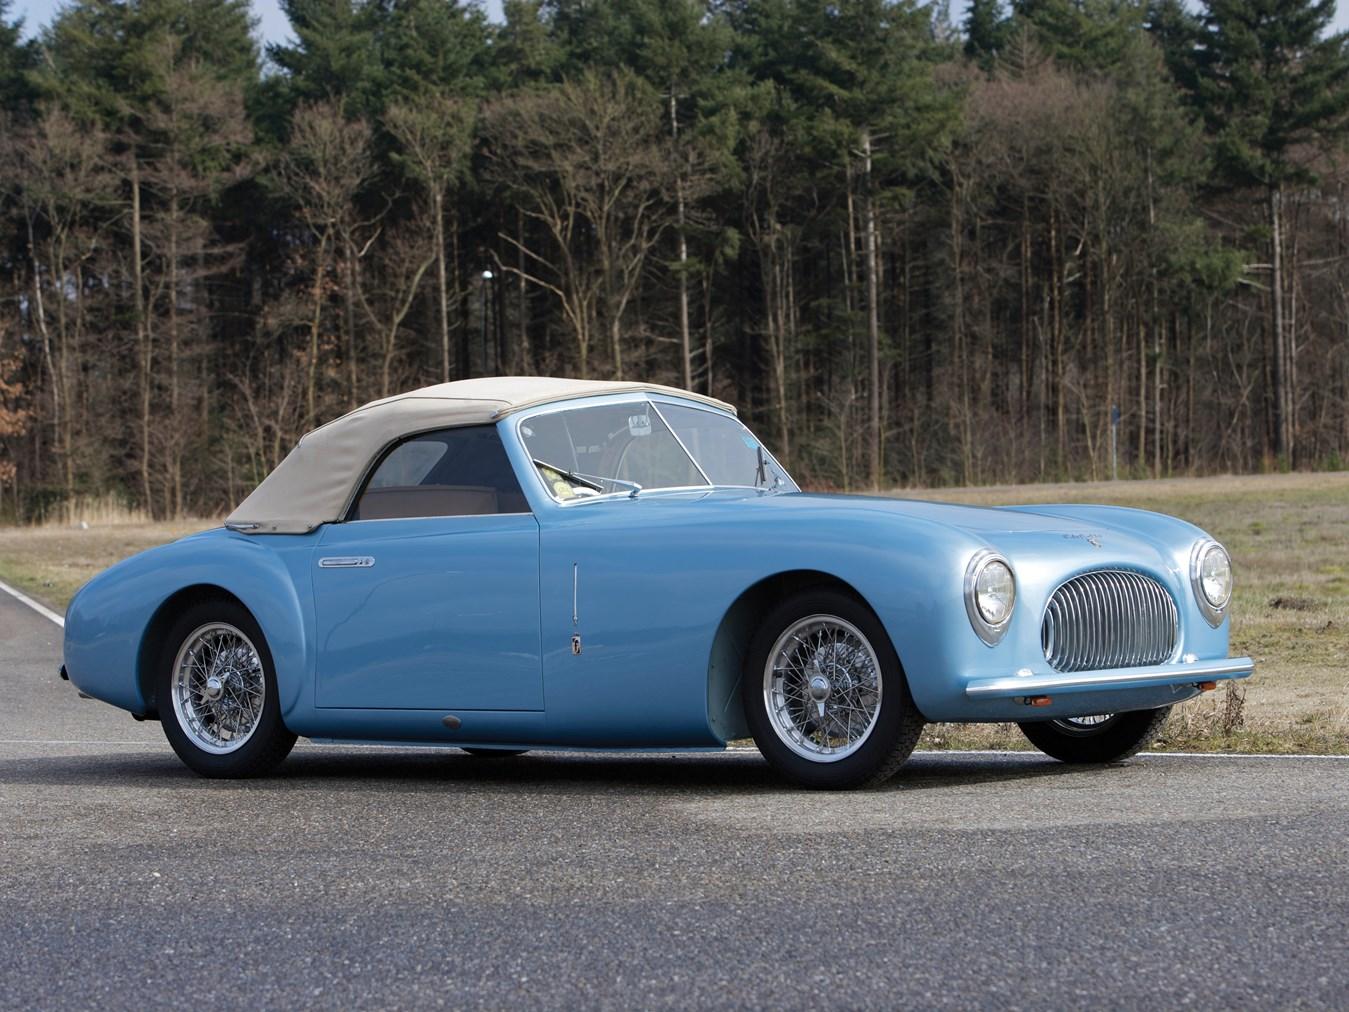 1947 Cisitalia 202 Cabriolet